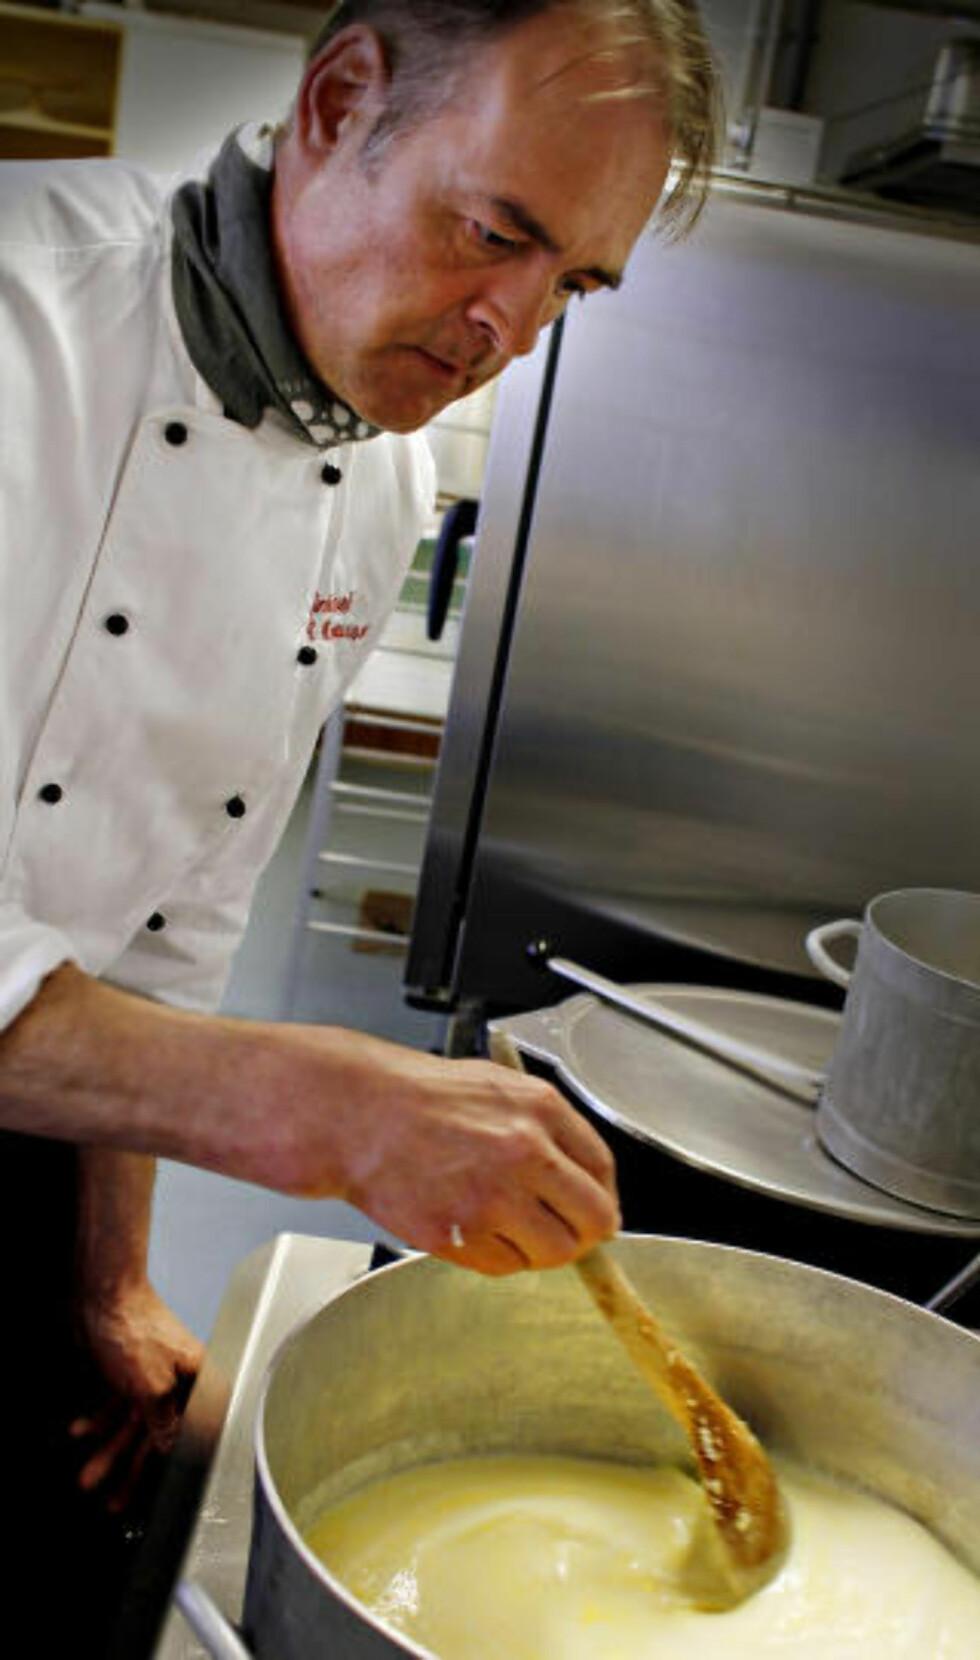 SETERRØMME:Kjøkkensjef Kjell André Magnussen forteller at sommerens overskudd av feit rømme fryses og brukes til grøt. Foto: OLE C.H. THOMASSEN